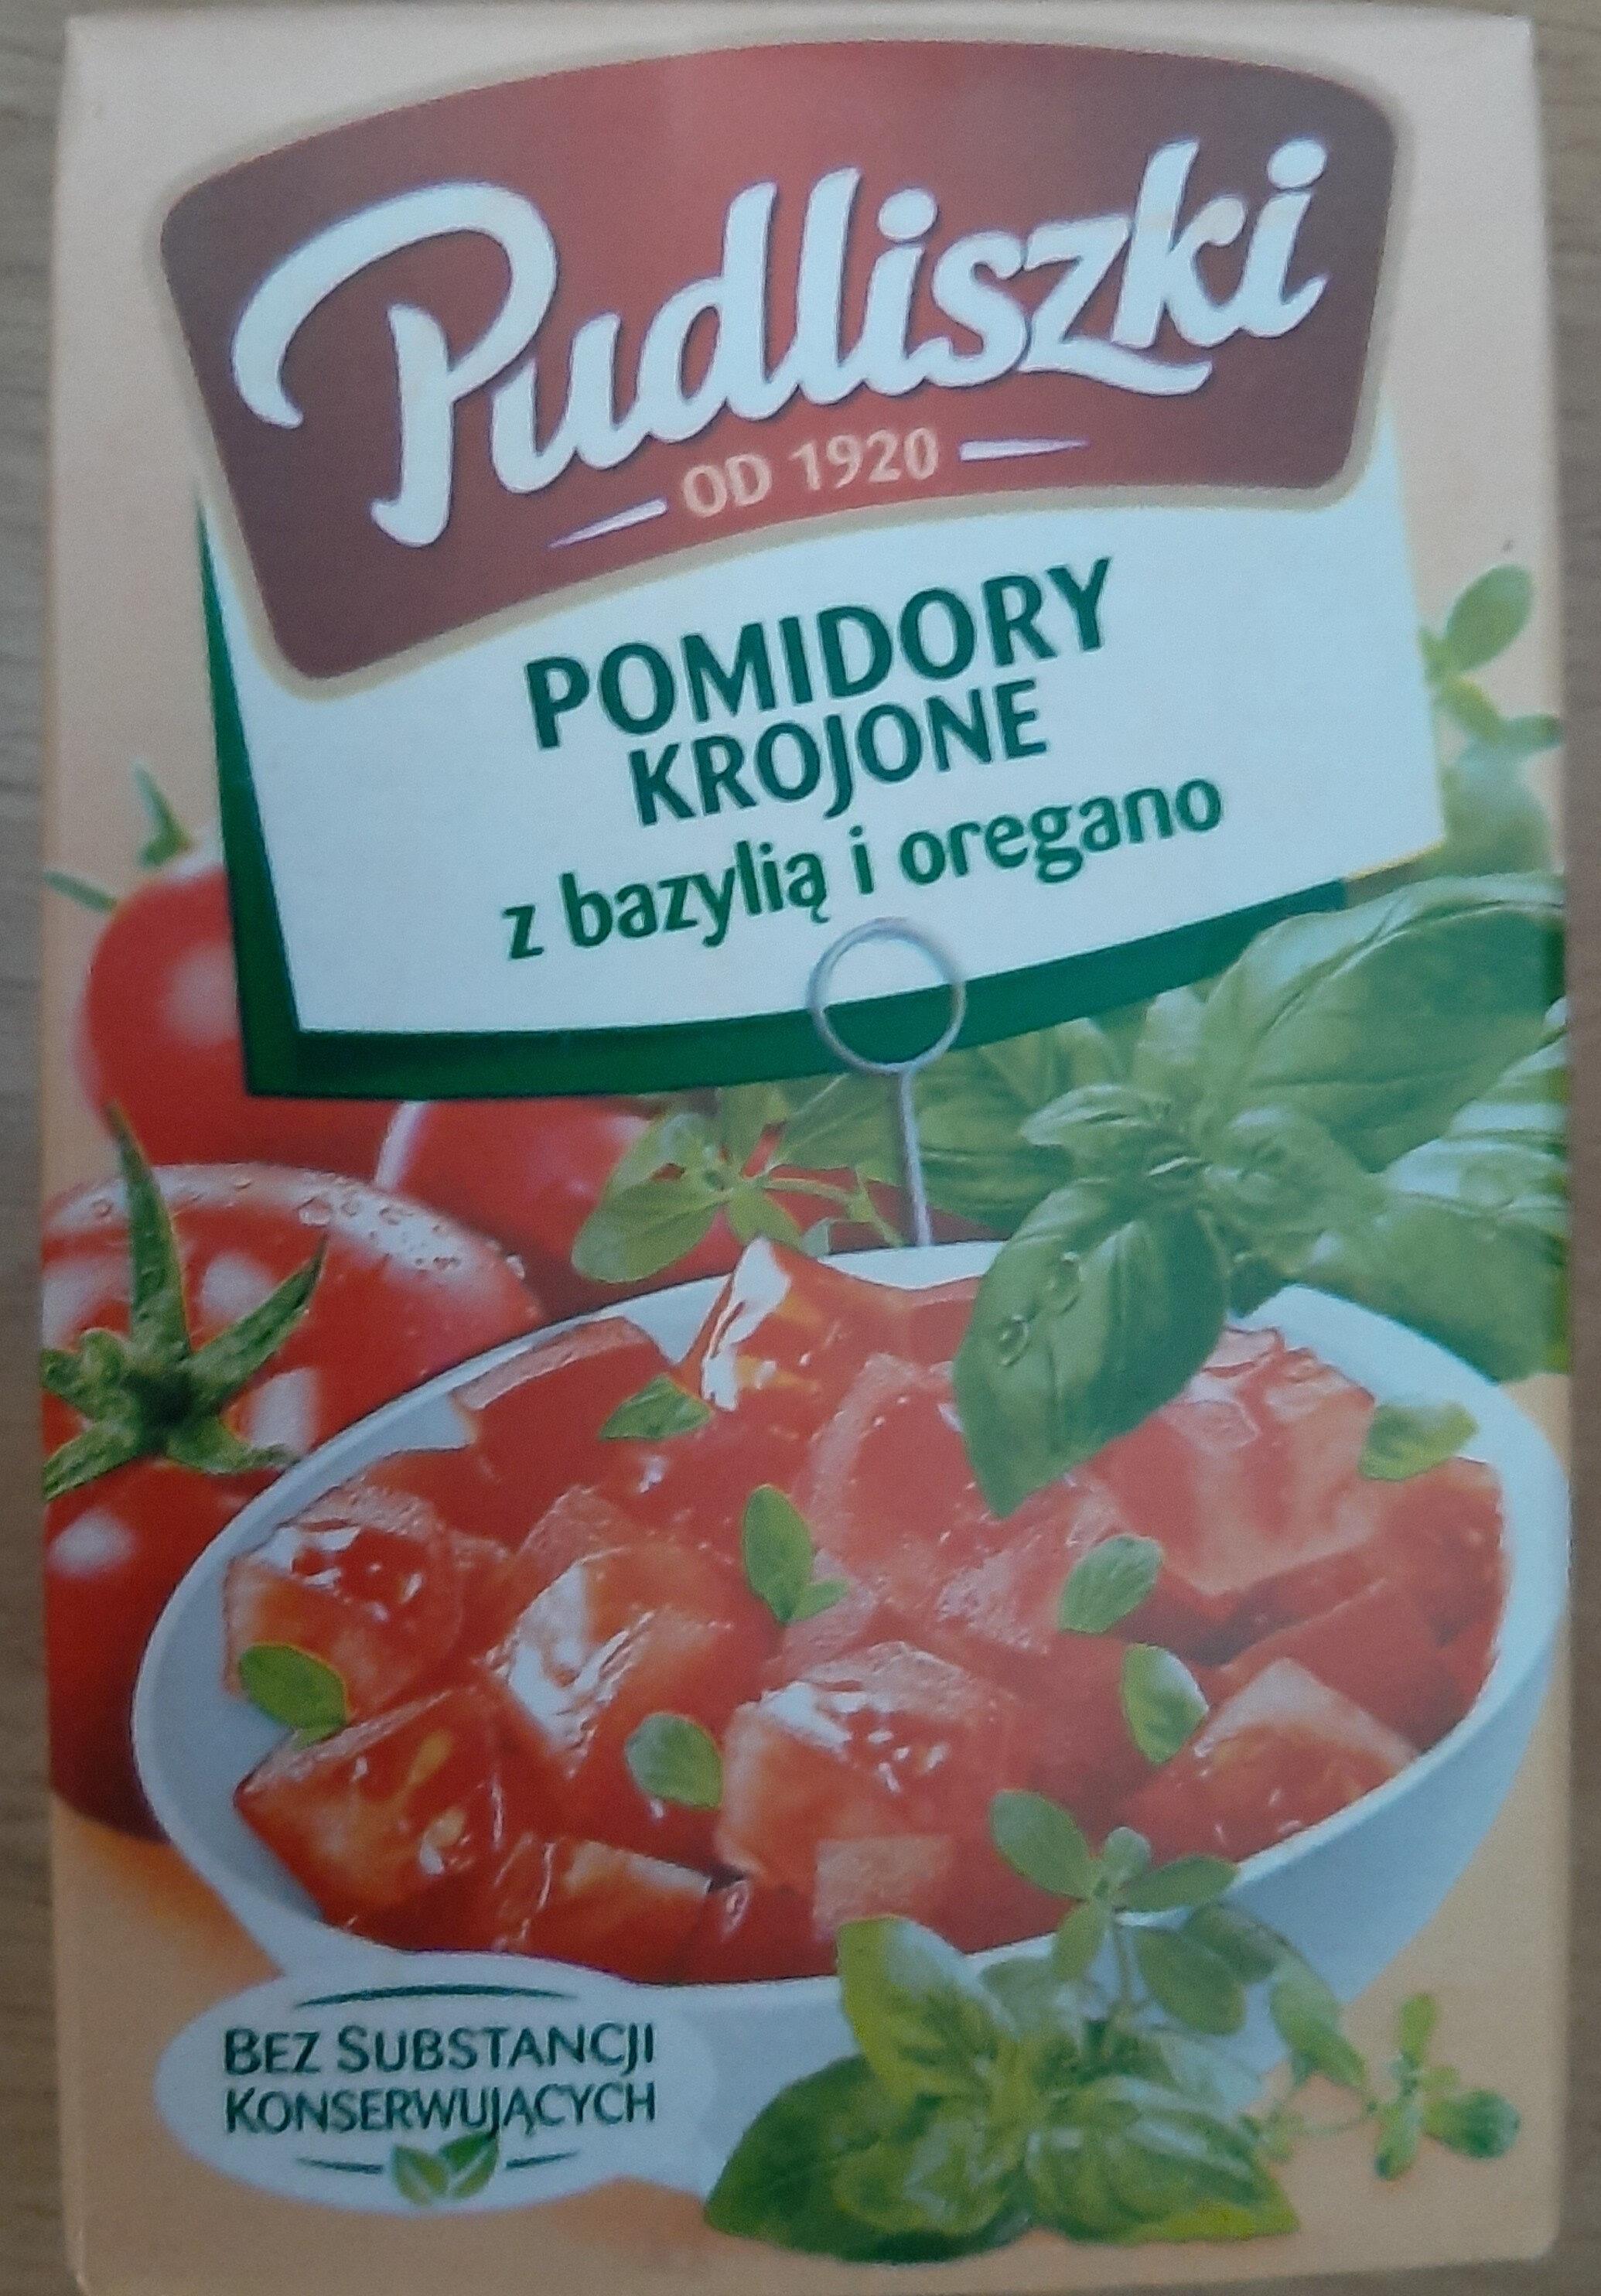 Pomidorowe krojone z bazylią i oregano - Product - pl